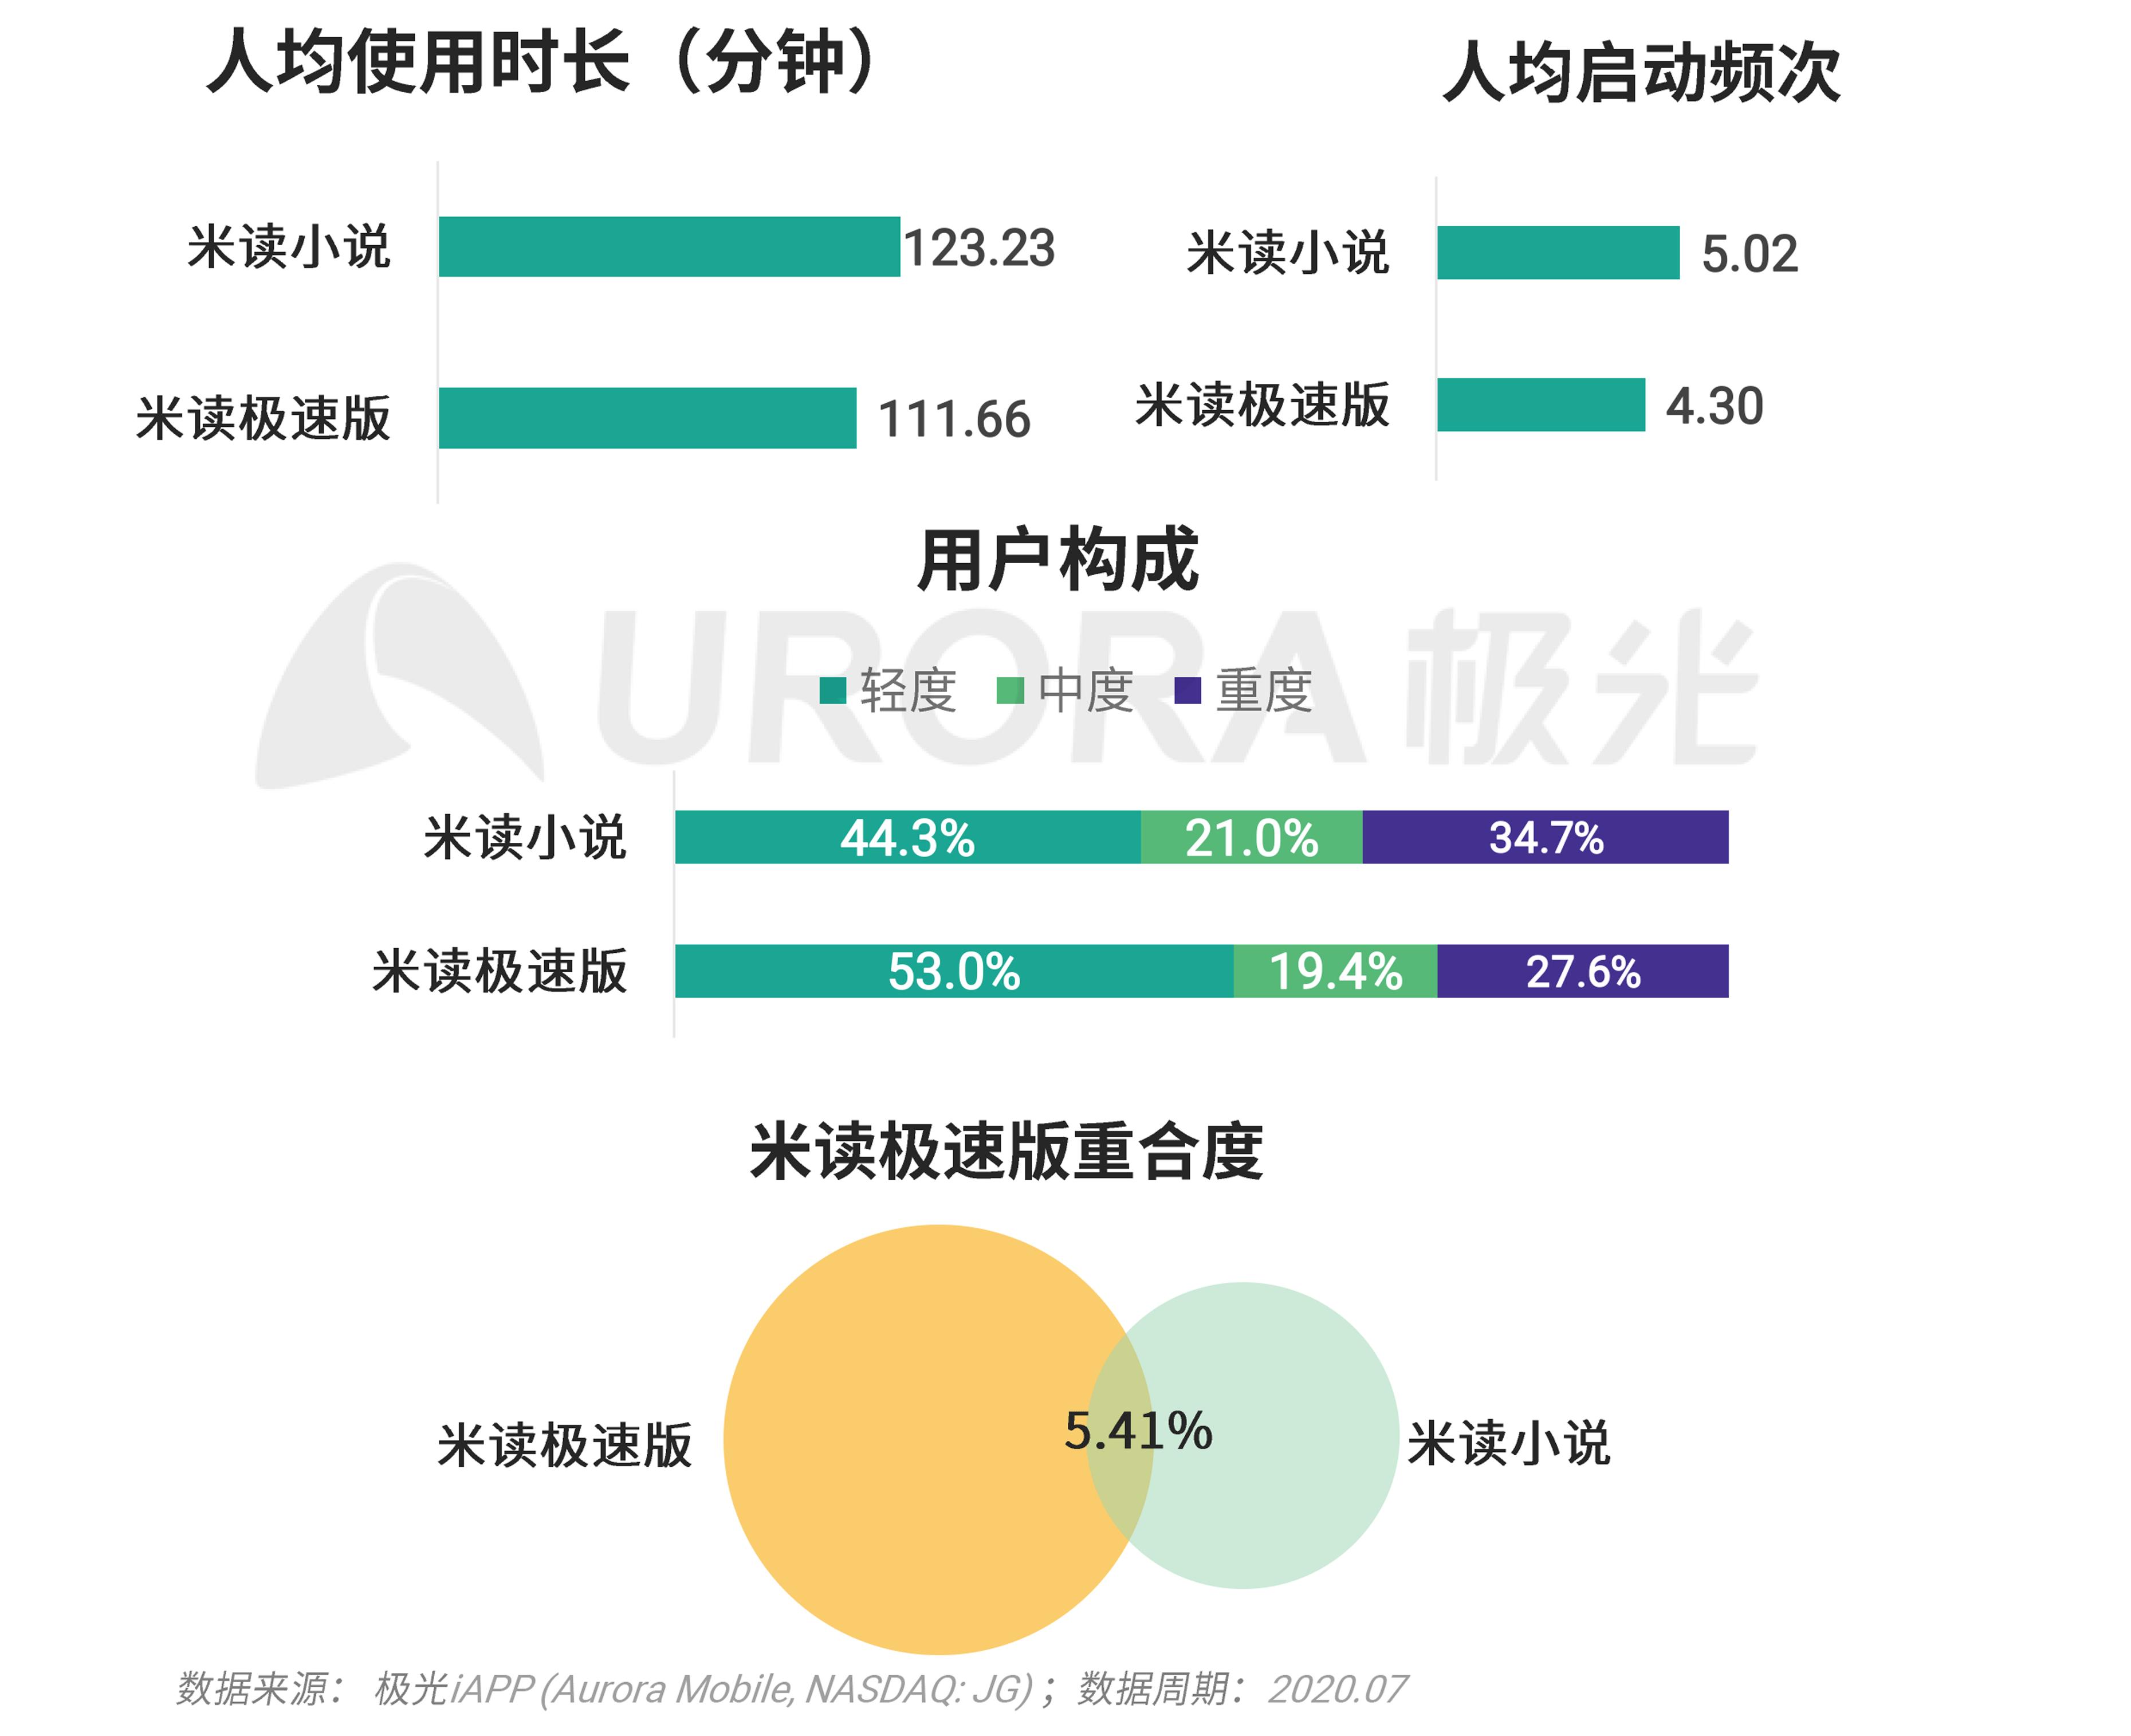 极光:移动互联网派生app研究报告 (39).png